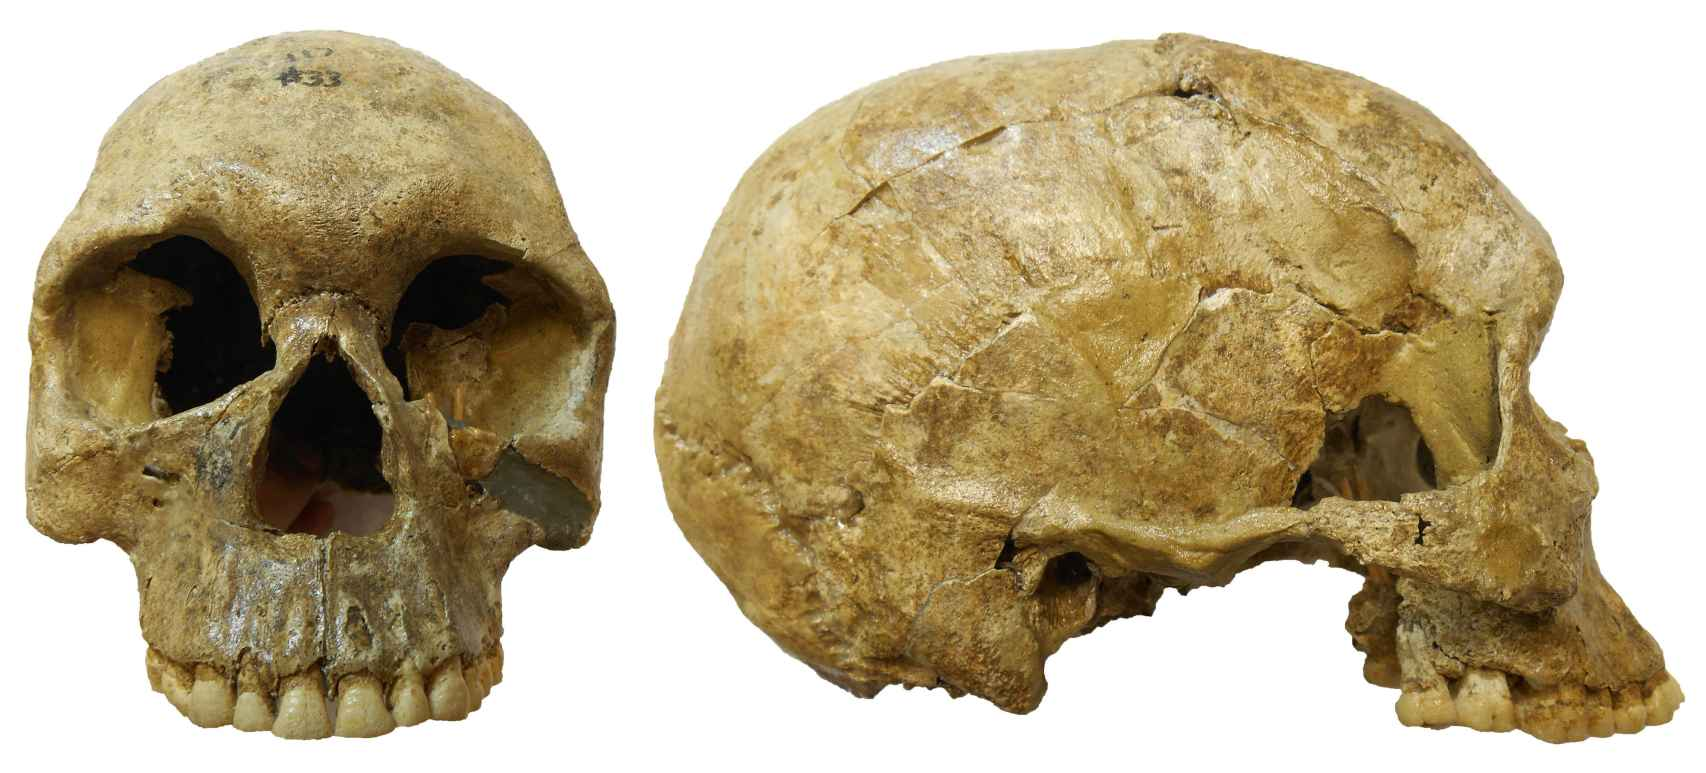 Cráneo de una de las personas enterradas en el cementerio prehistórico de Jebel Sahaba.